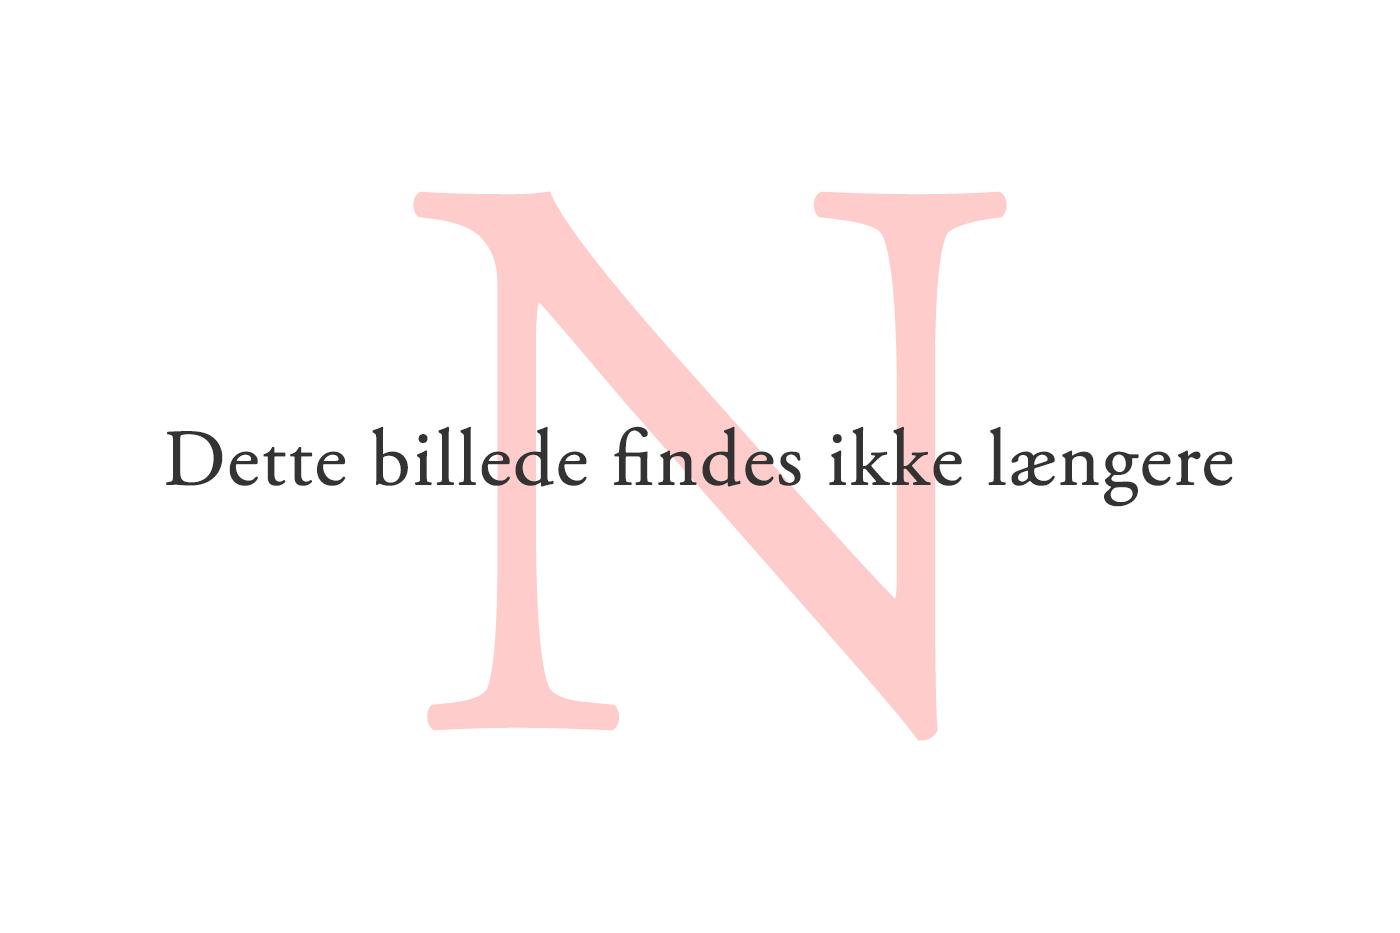 Danske campister synes tempo100-ordningen er for dyr. Foto: Pixabay.com